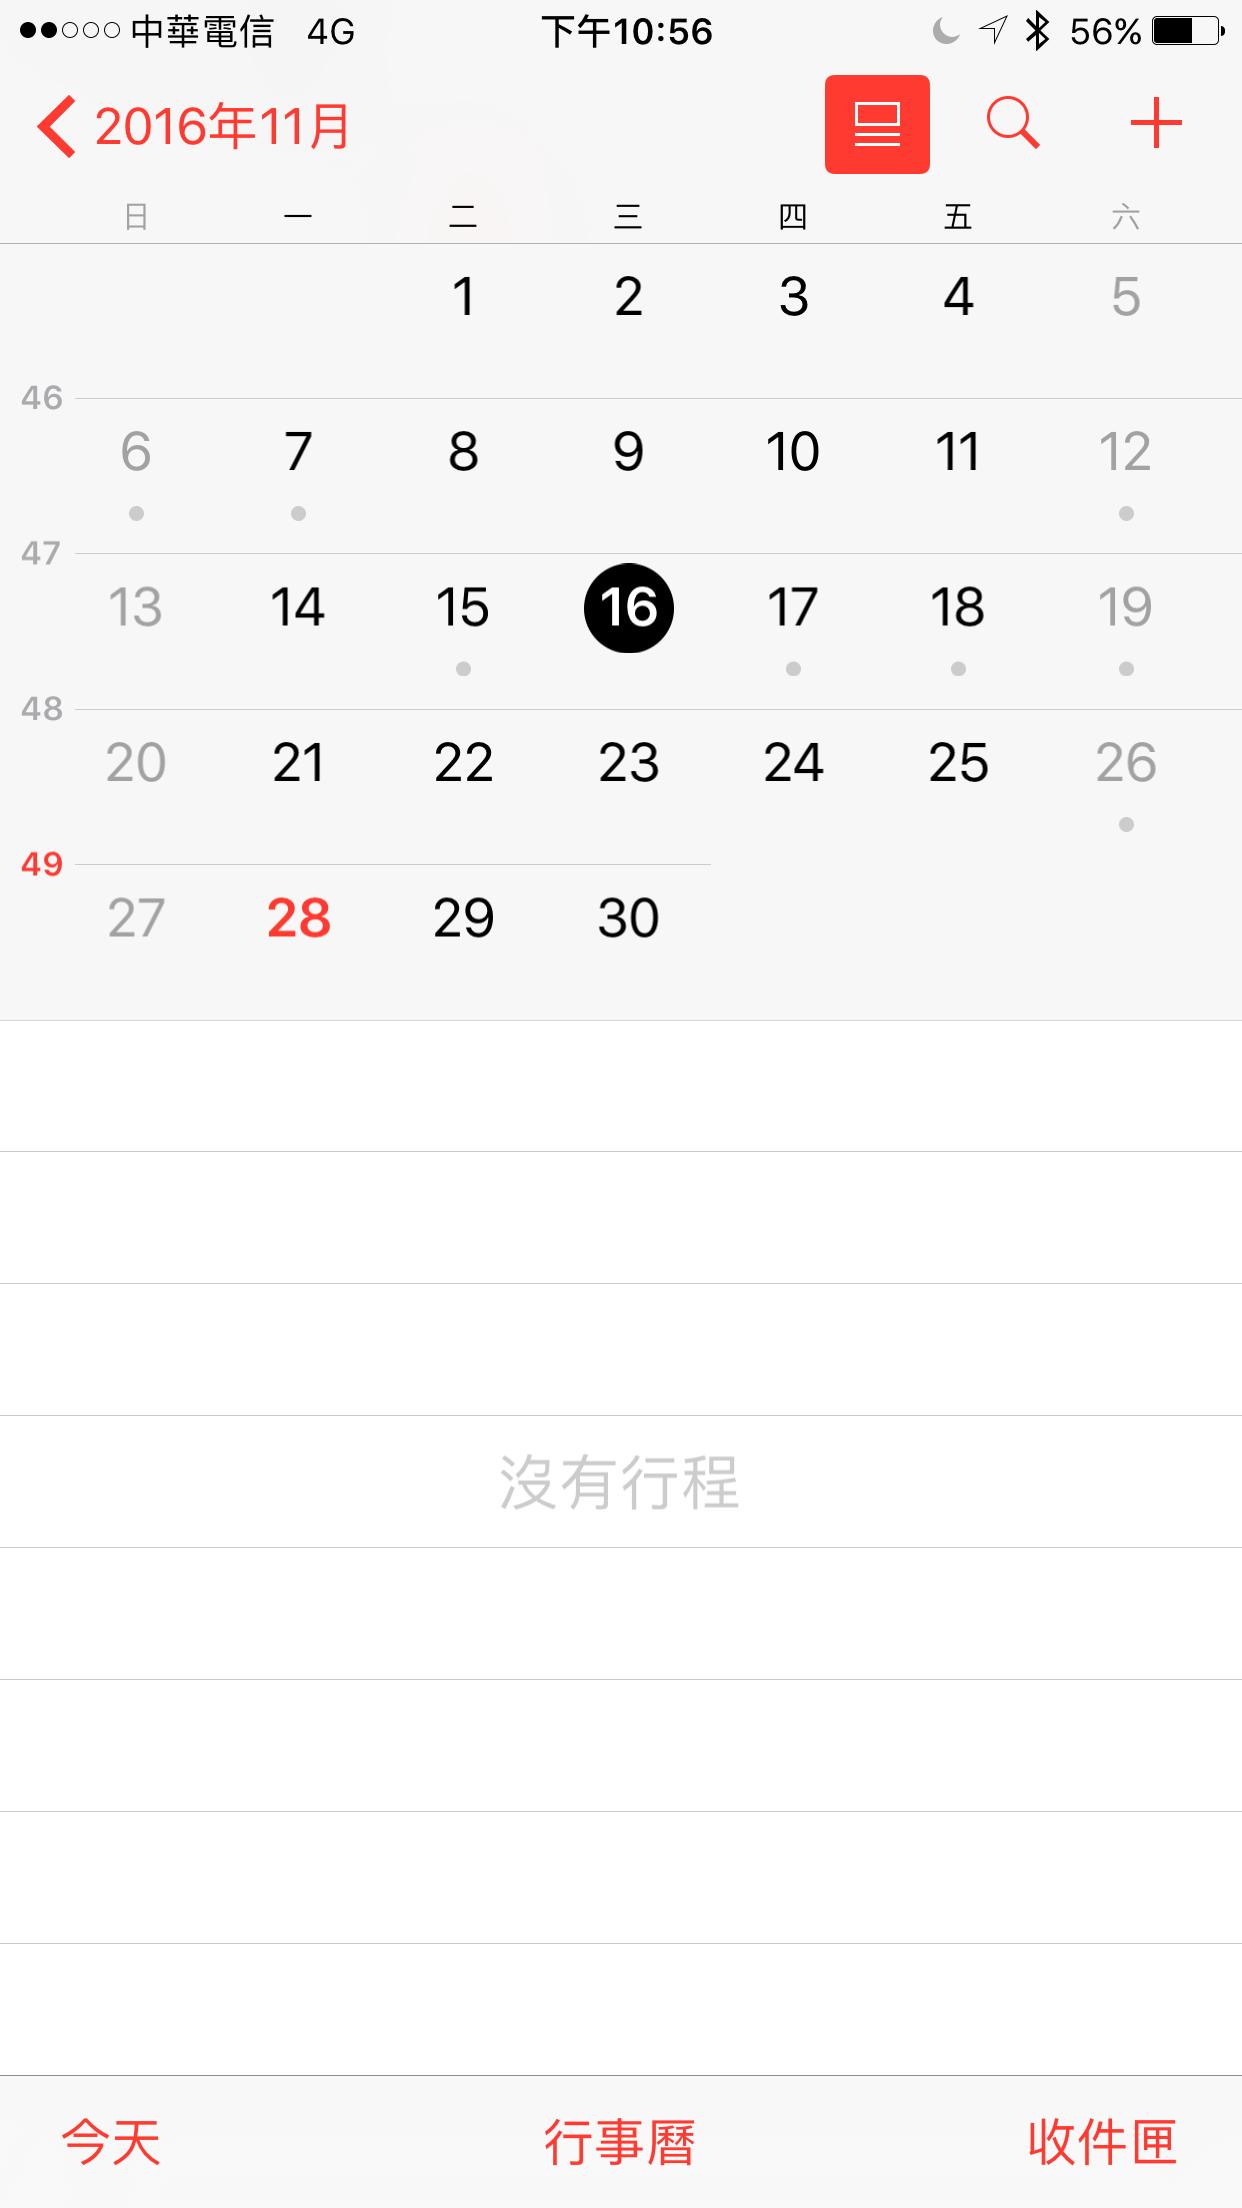 [教學] 如何取消iPhone行事曆的廣告/詐騙訊息 - 蘋果仁